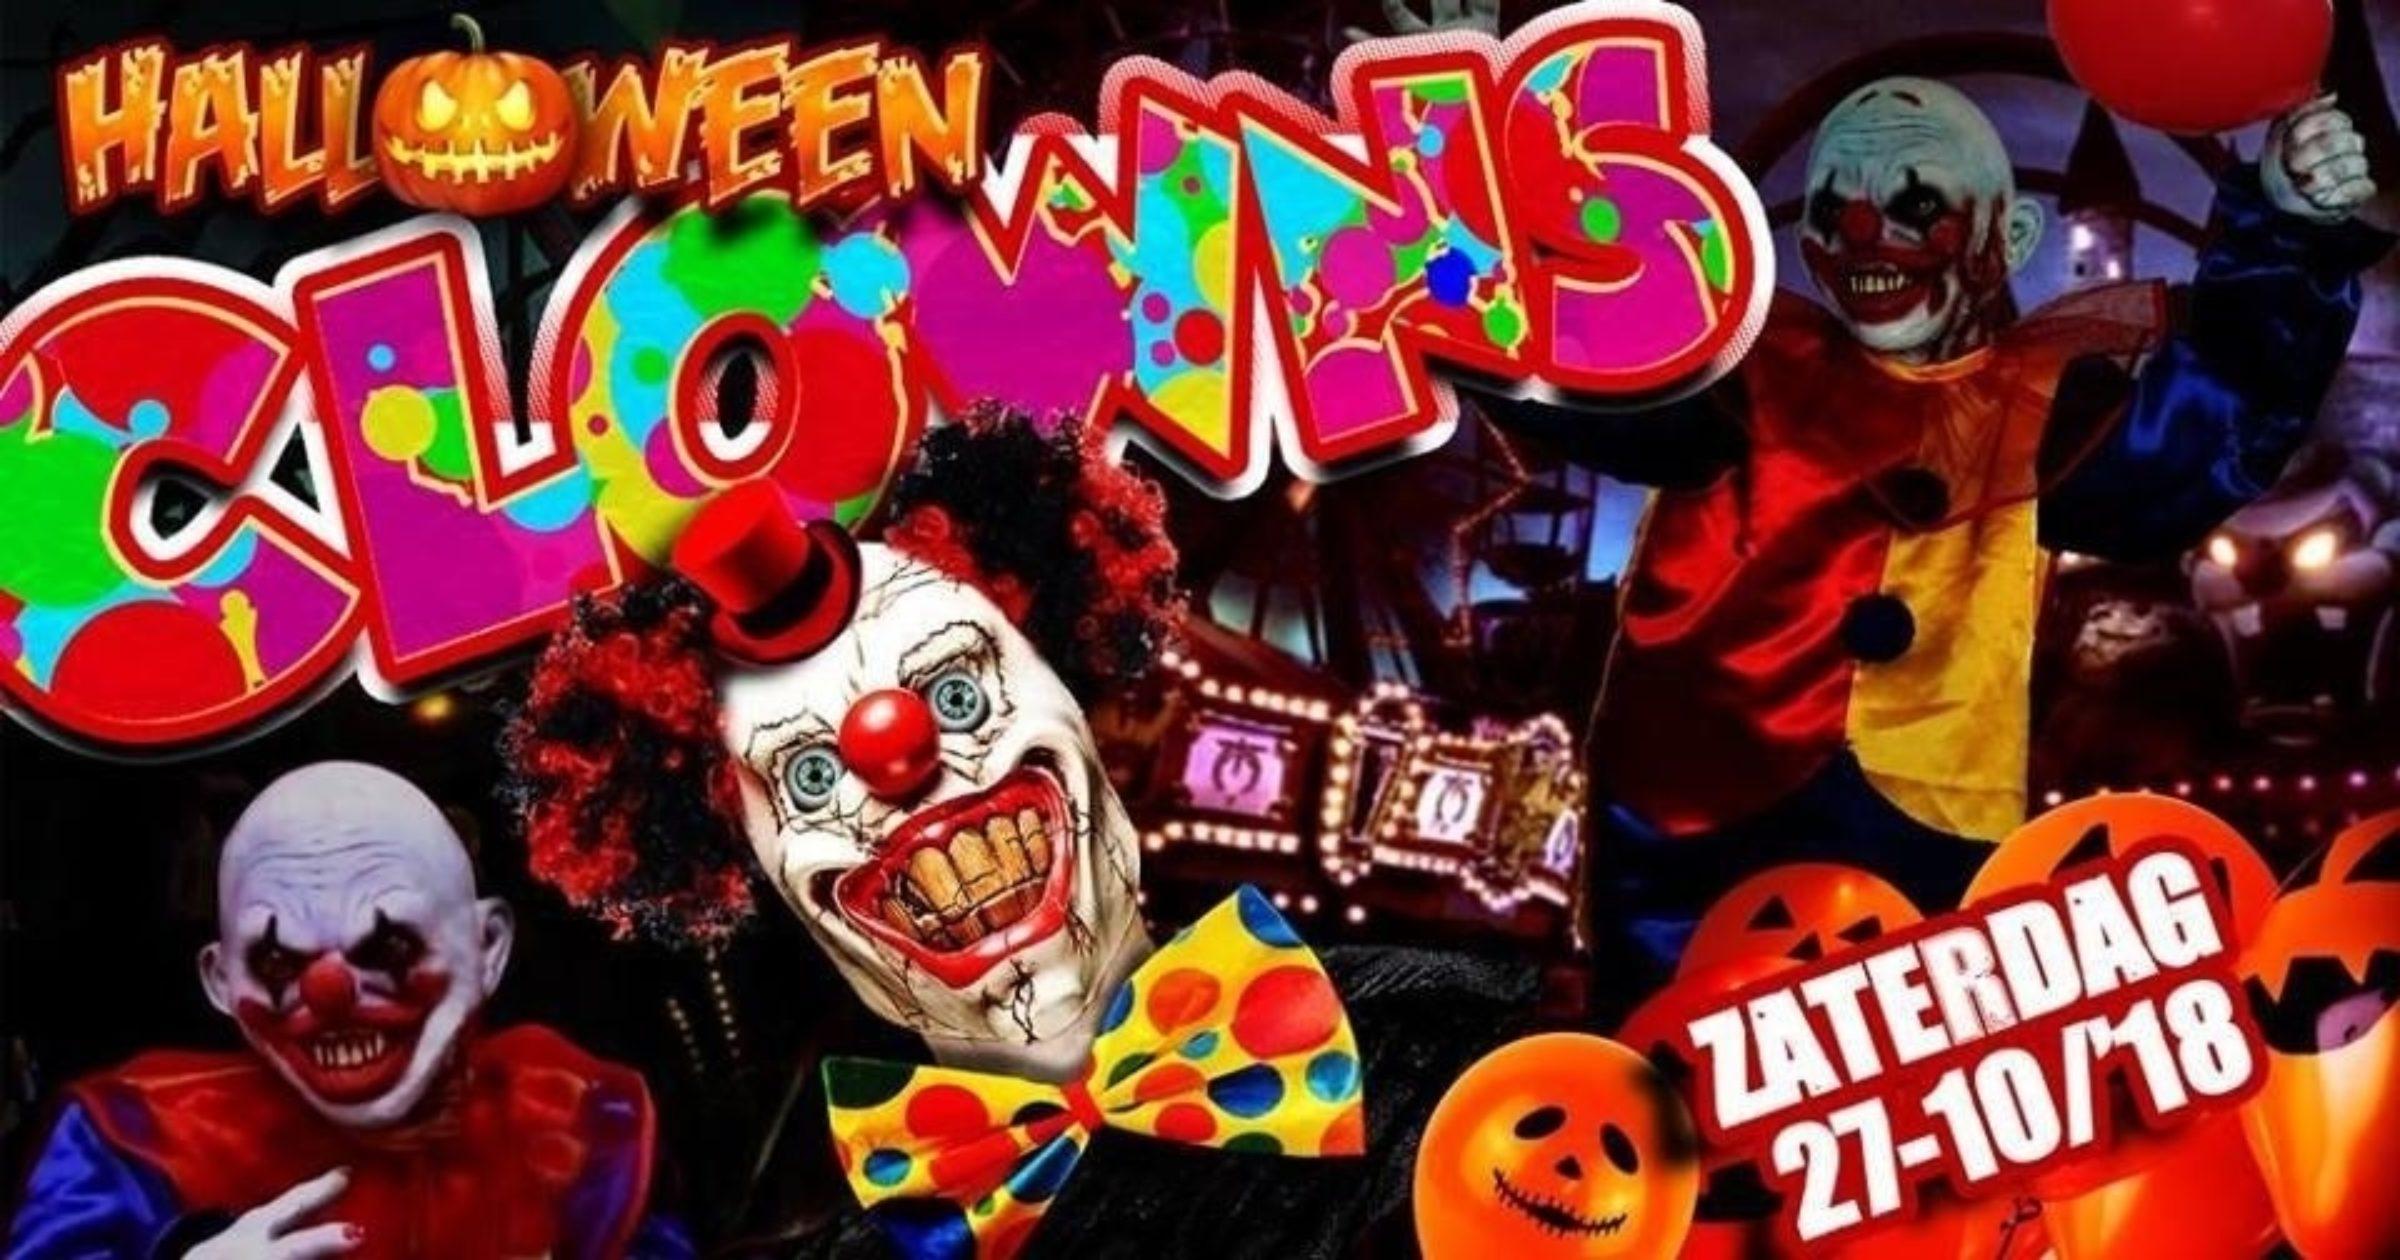 Halloween bolke 1527 1539079377 35ht4i020c